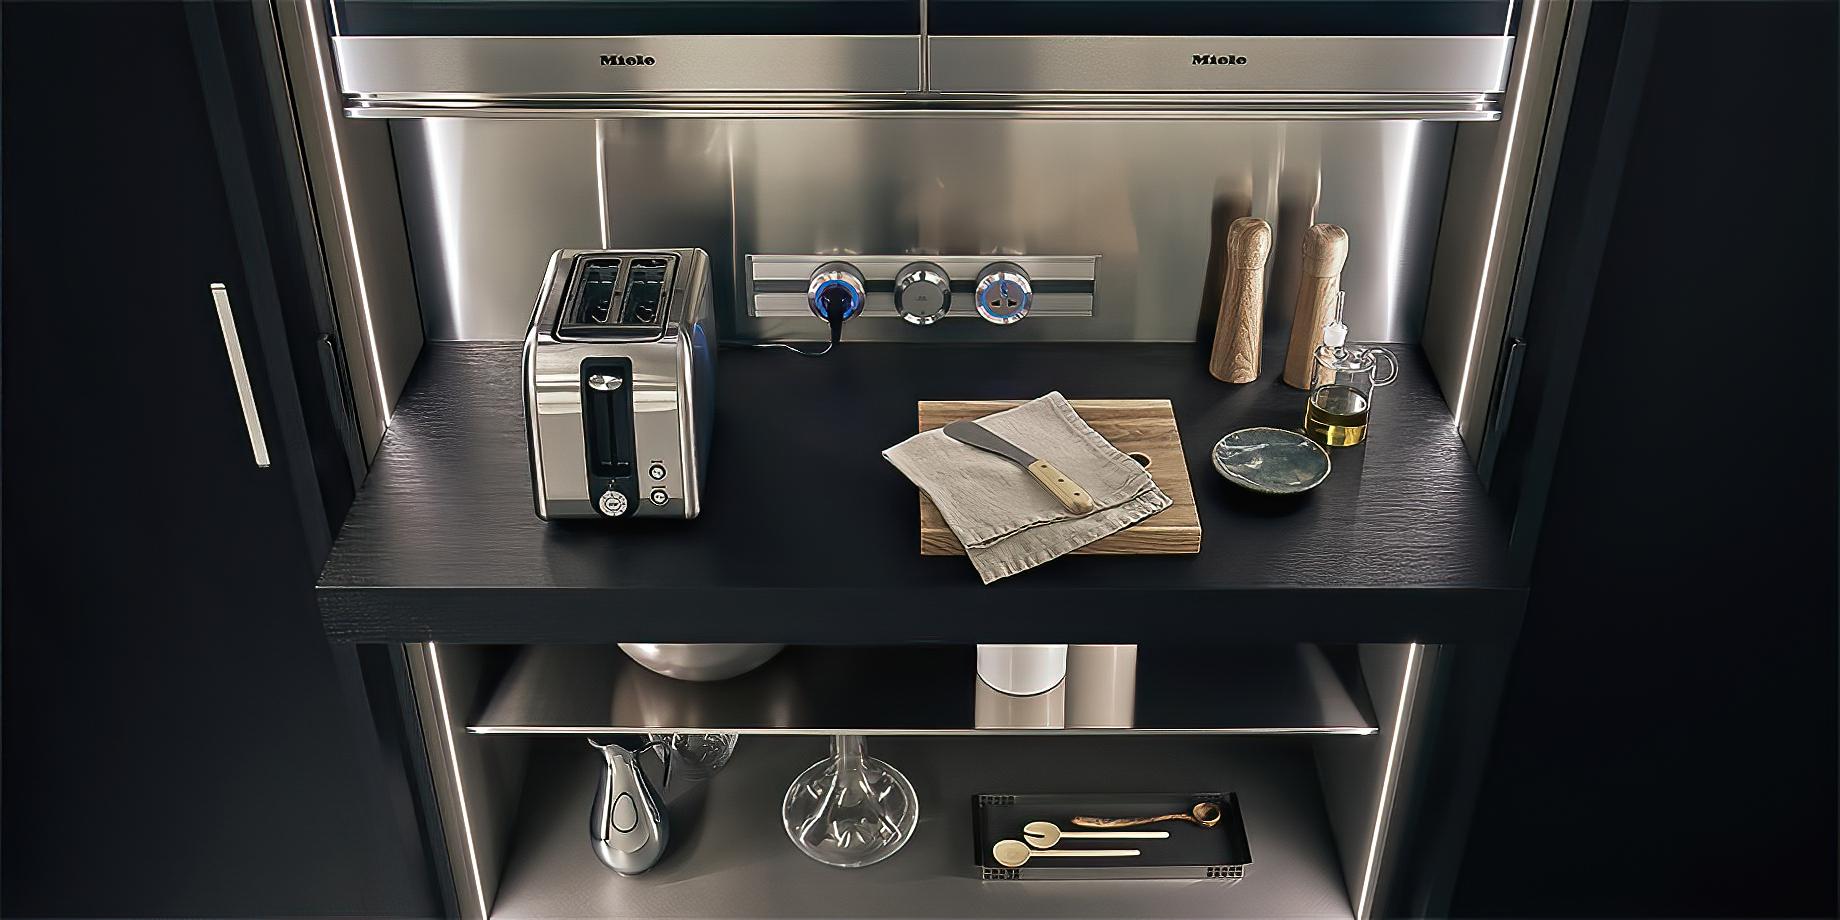 K-lab Contemporary Kitchen Ernestomeda Italy – Giuseppe Bavuso – Indoor Cupboard